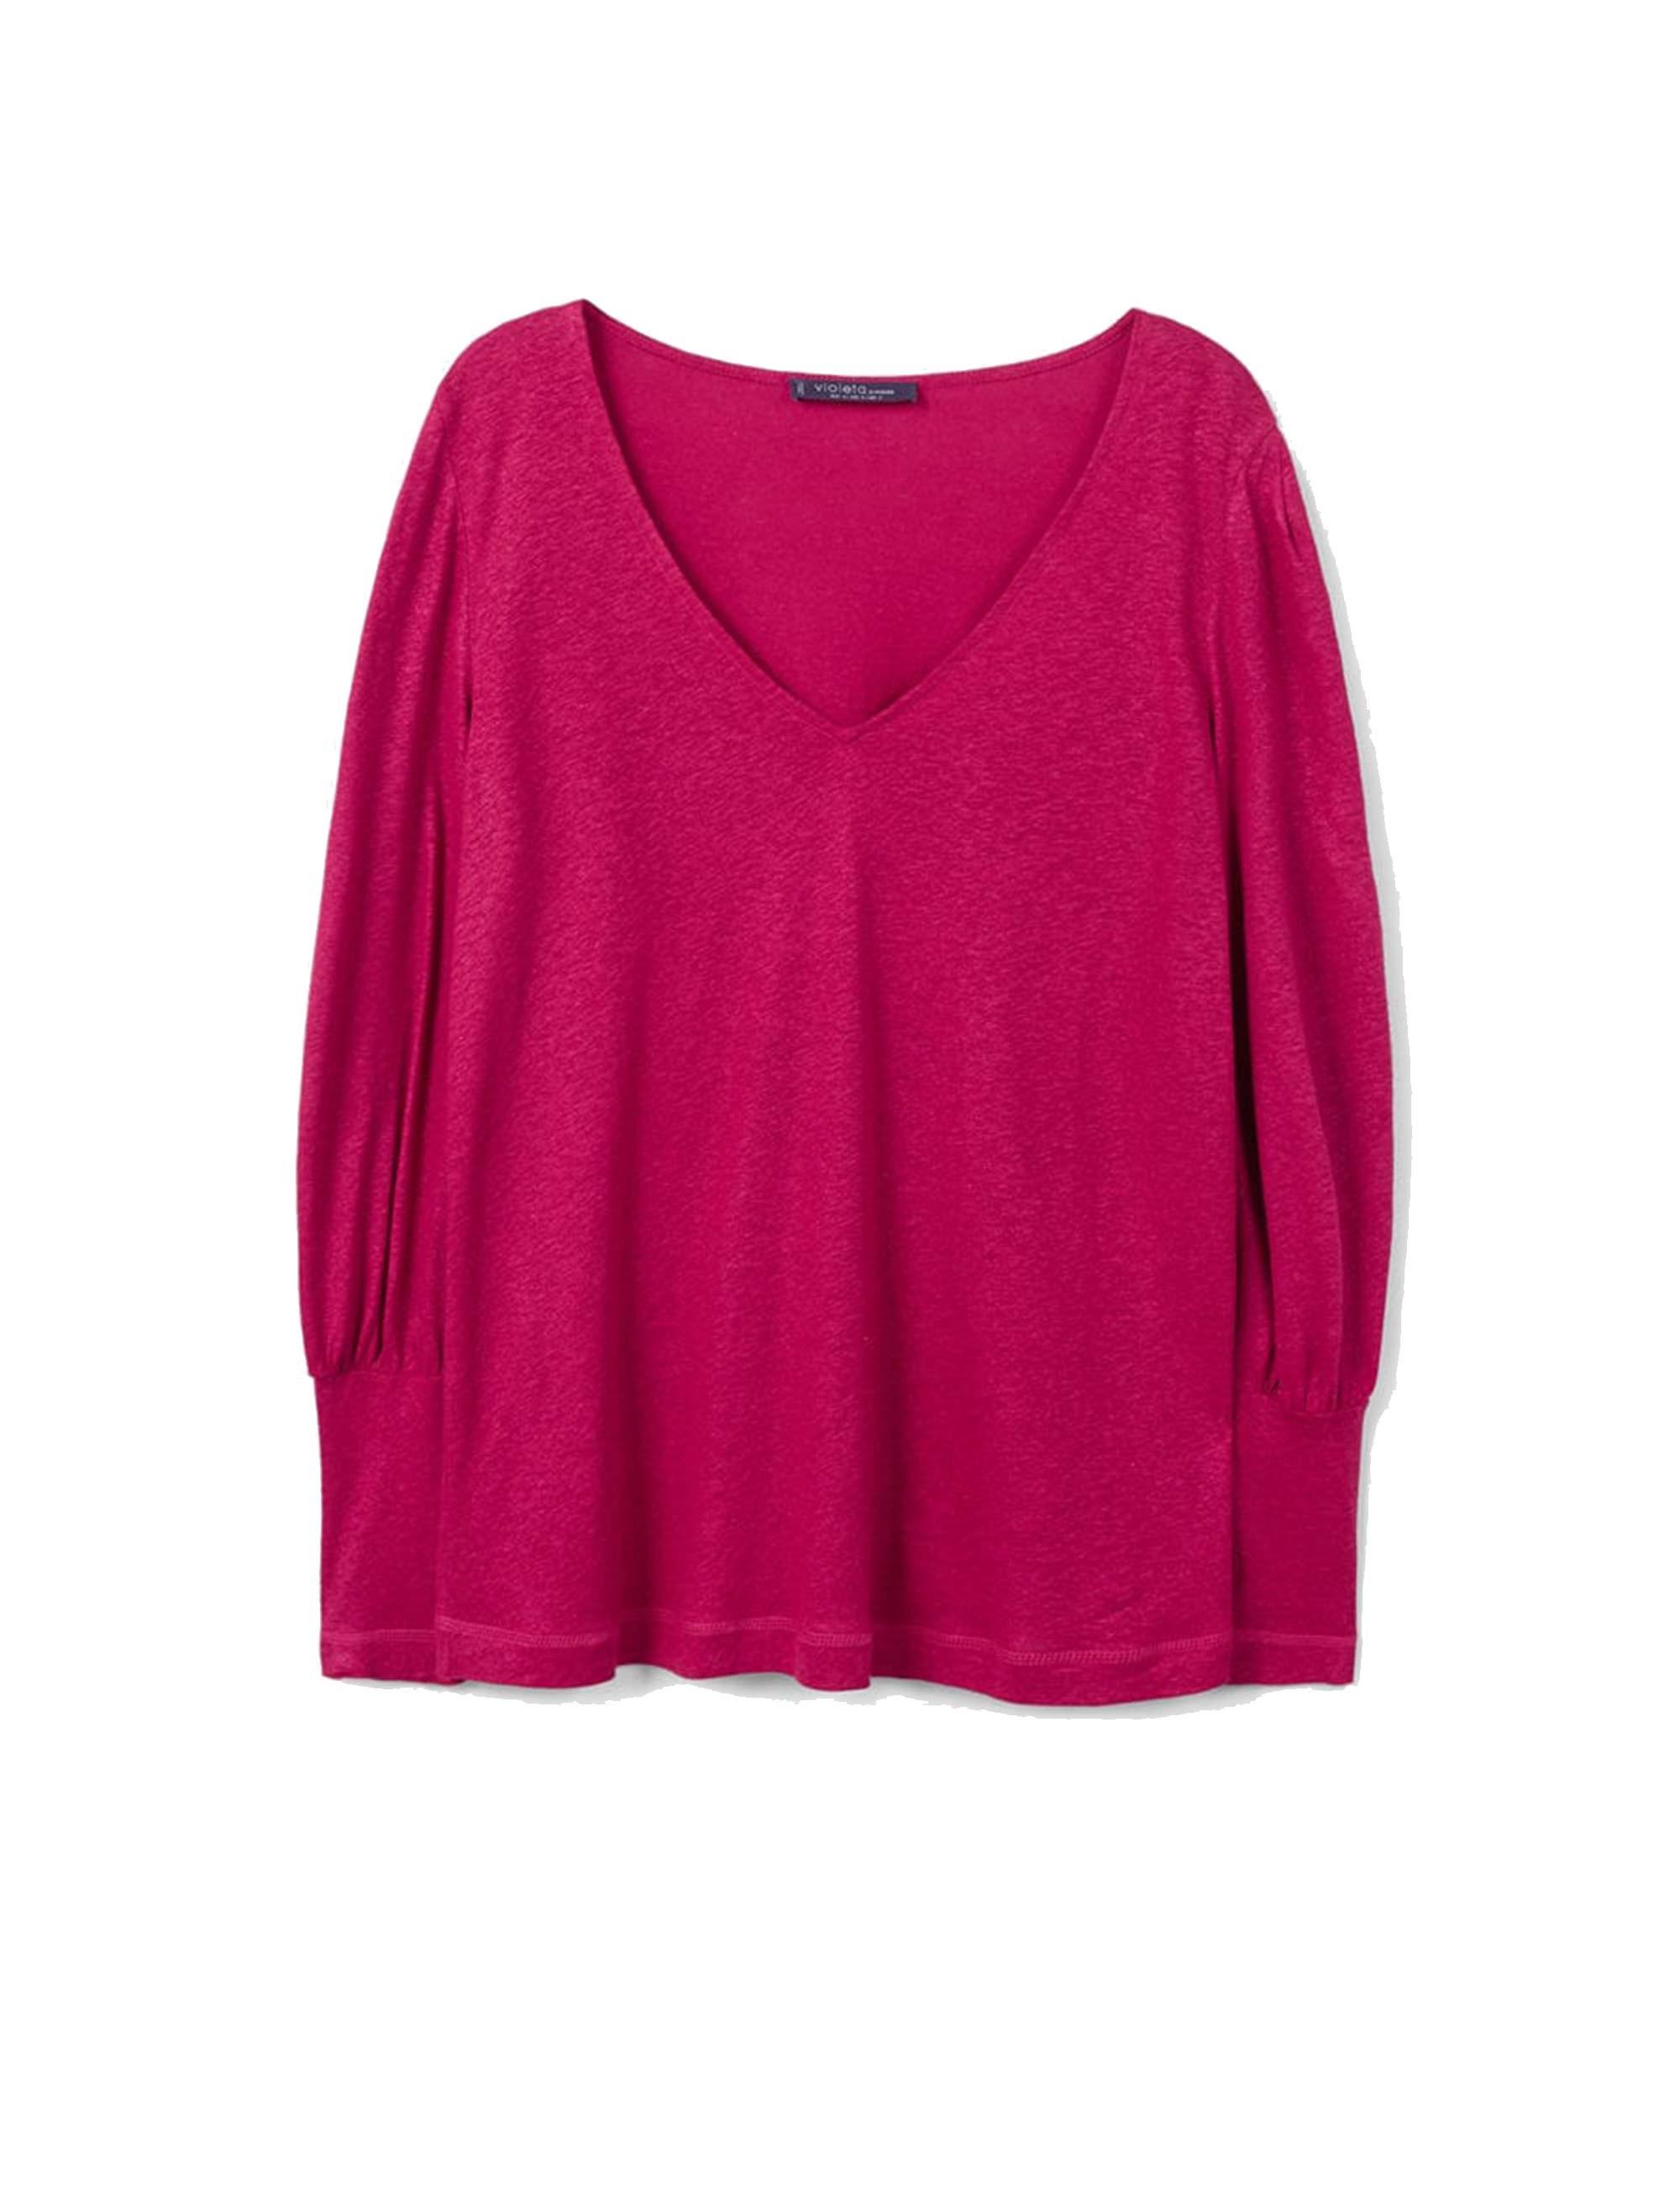 خرید تی شرت یقه هفت زنانه - ویولتا بای مانگو